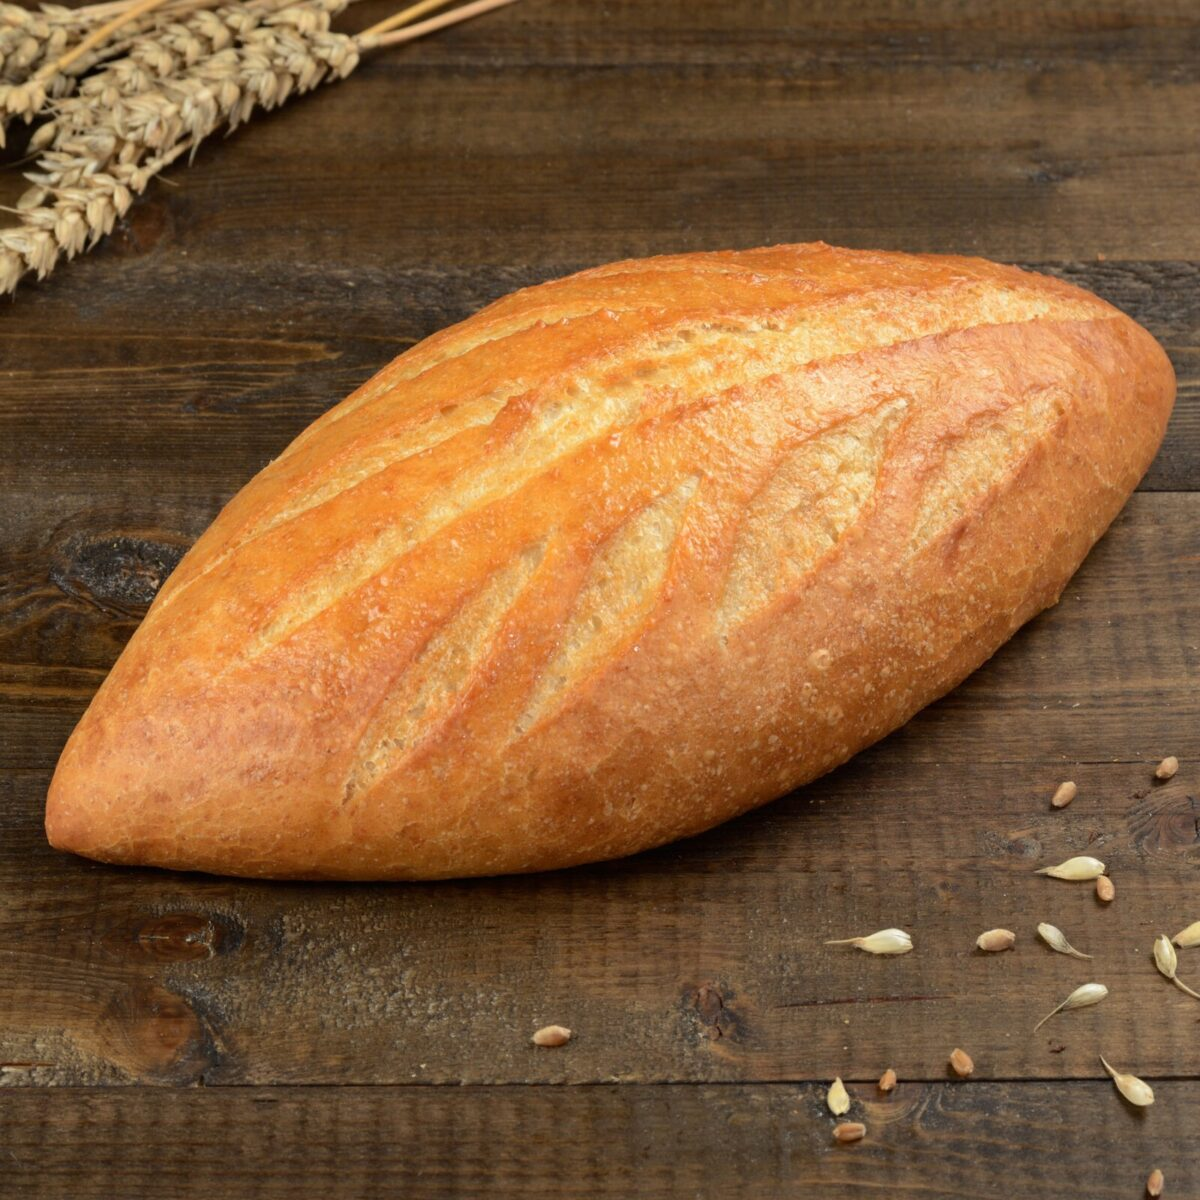 Хлеб бездрожжевой поддовый